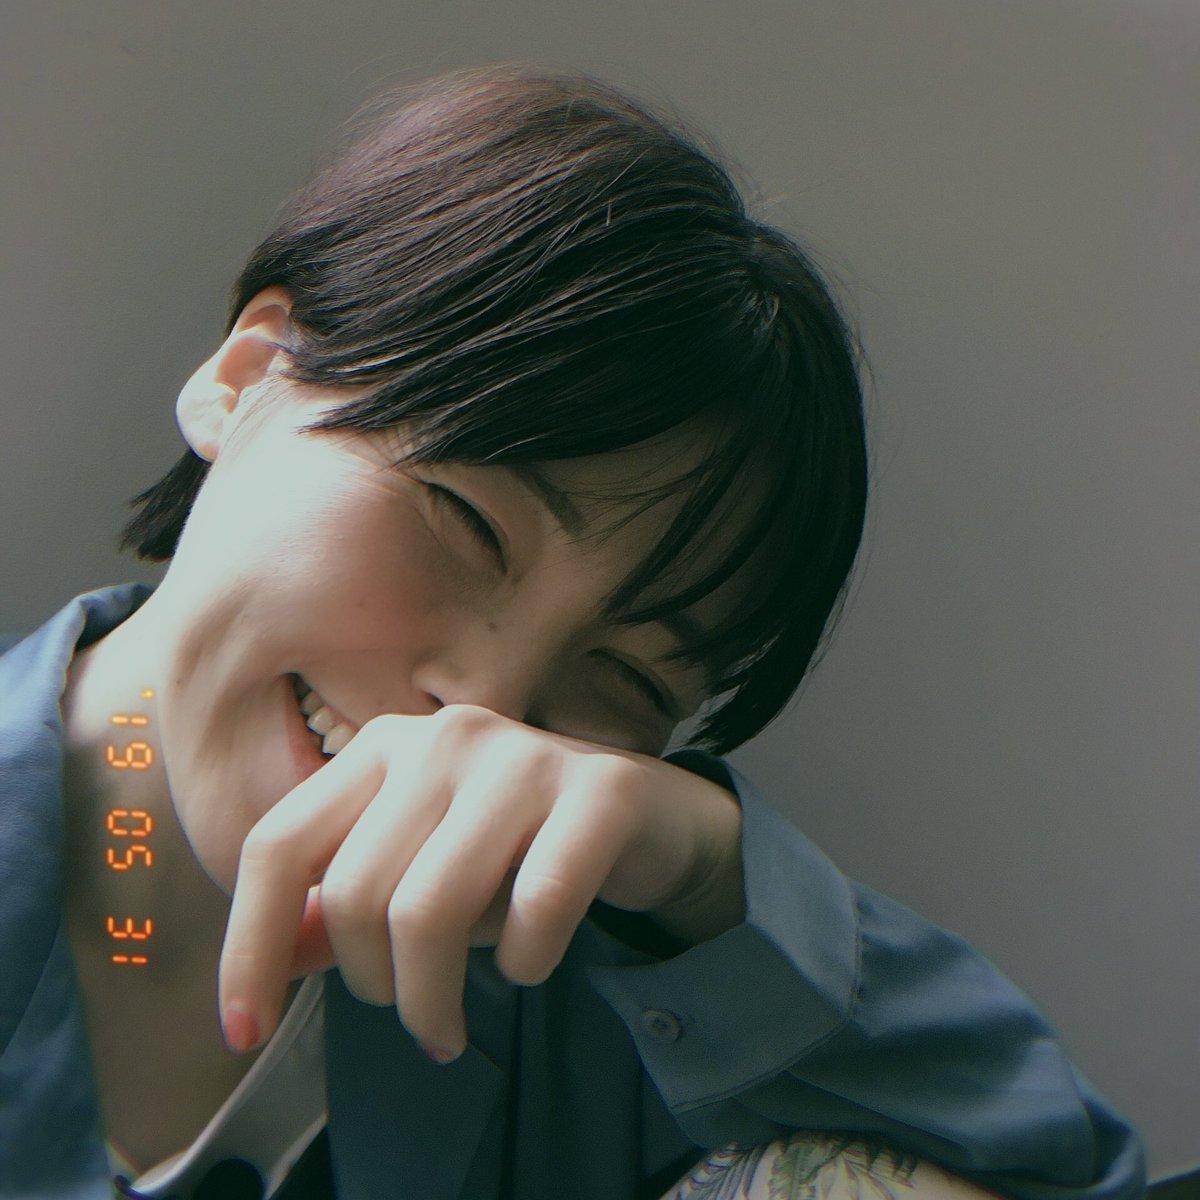 誠子 インター 髪型 こう あま 尼神インター狩野誠子の高校や大学の学歴・出身情報!あだ名がシュレック!